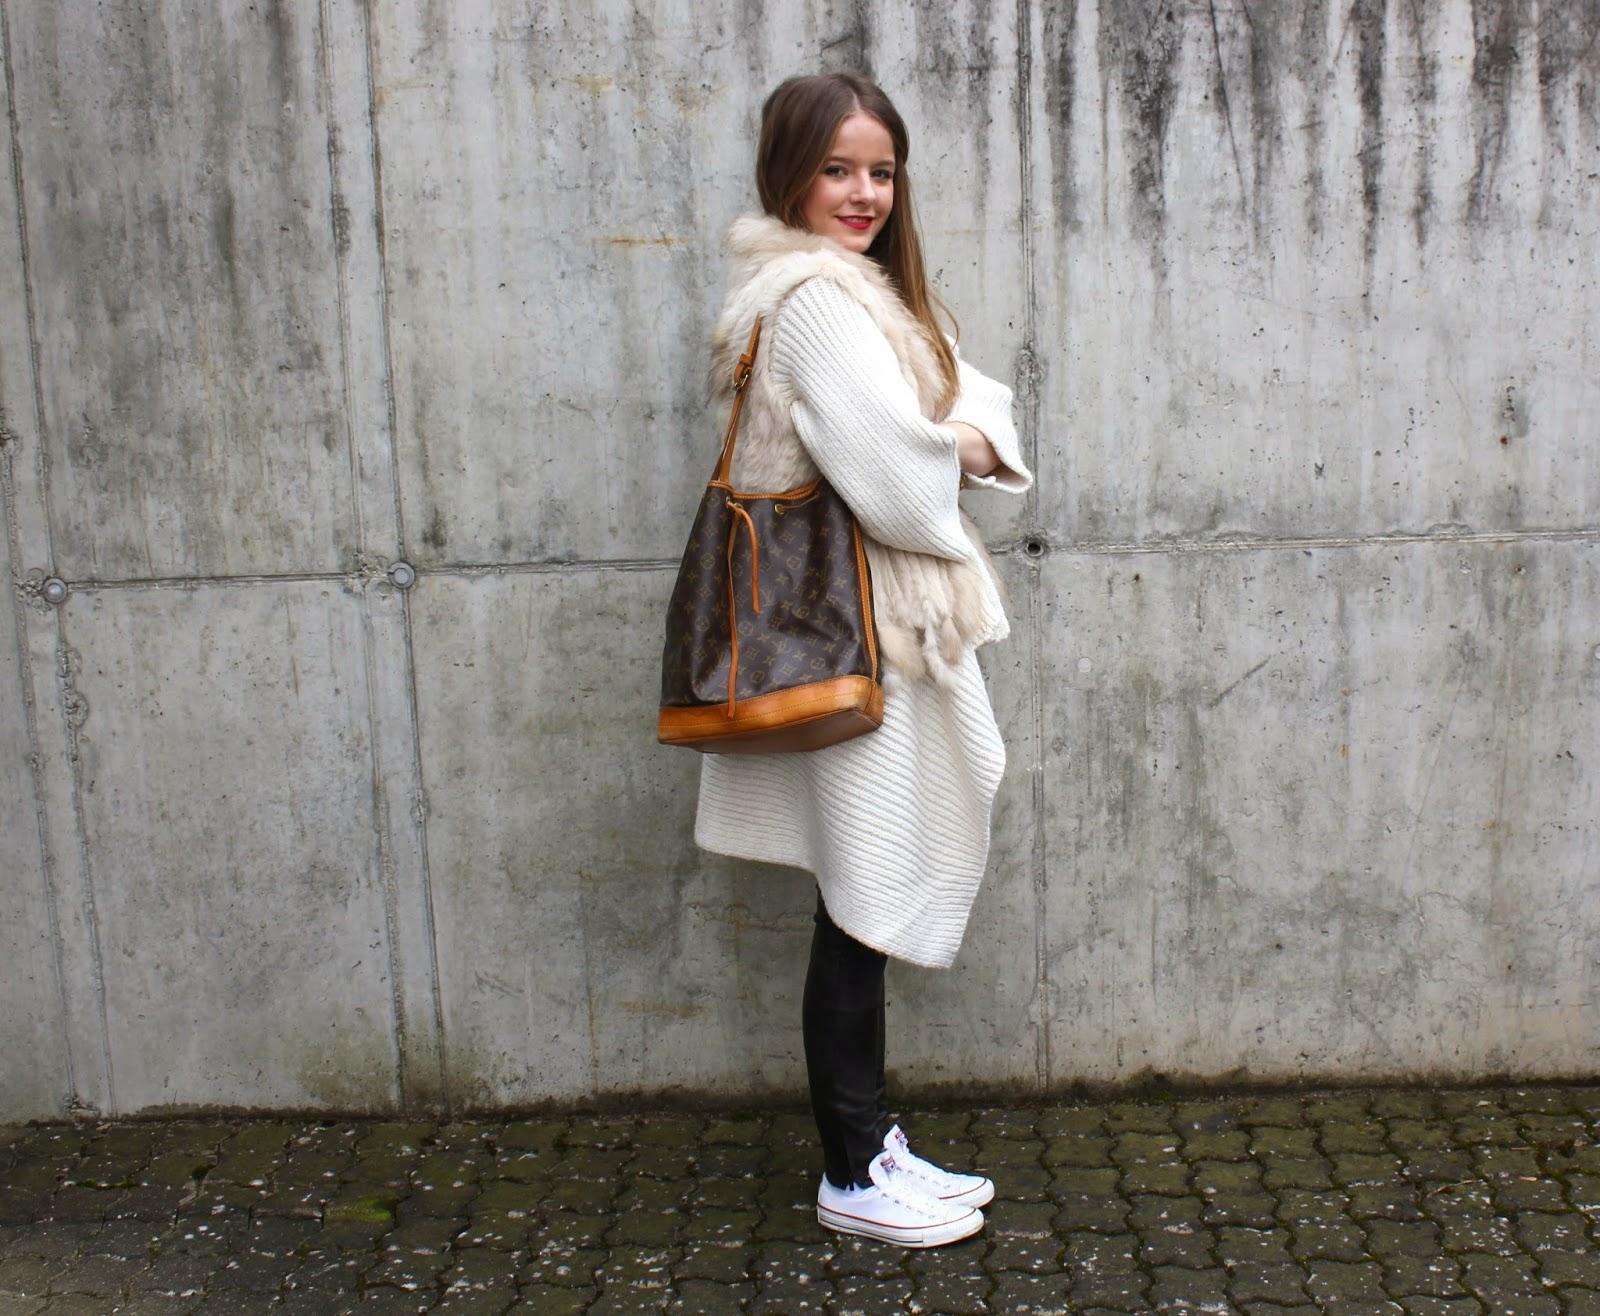 cardigan, leather pants - Zara; fur vest - Mondelli; shoes - Converse;  shirt - H&M; watch - Michael Kors; bag - Louis Vuitton